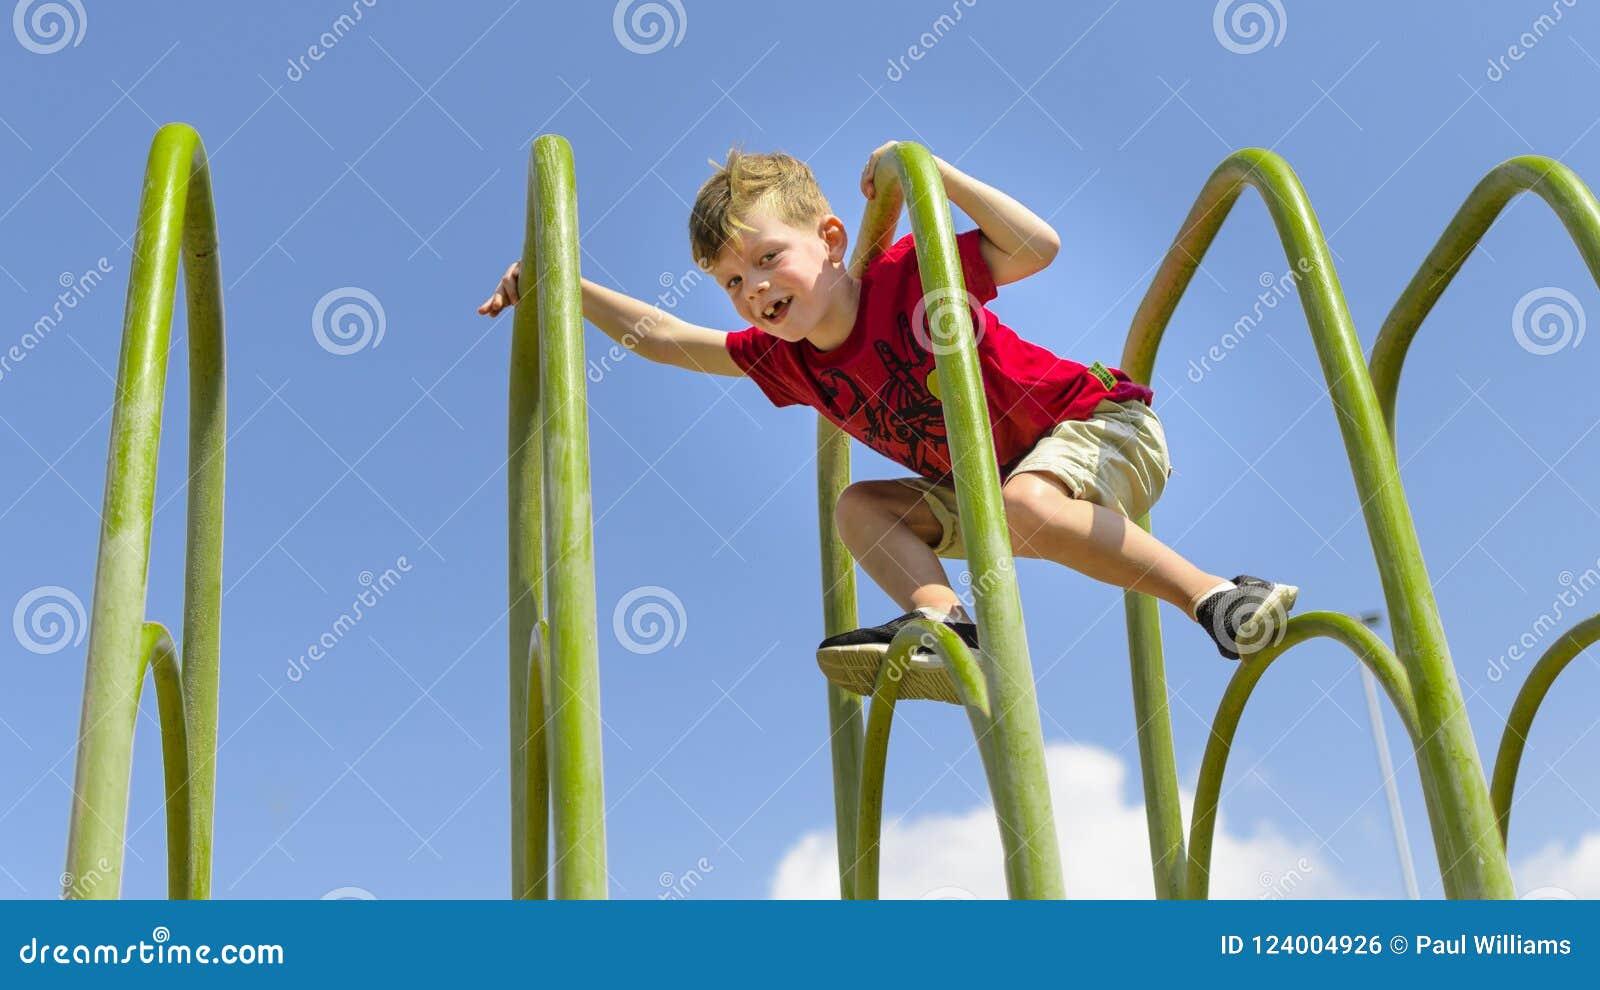 Cimbing在playframe的勇敢的年轻男孩